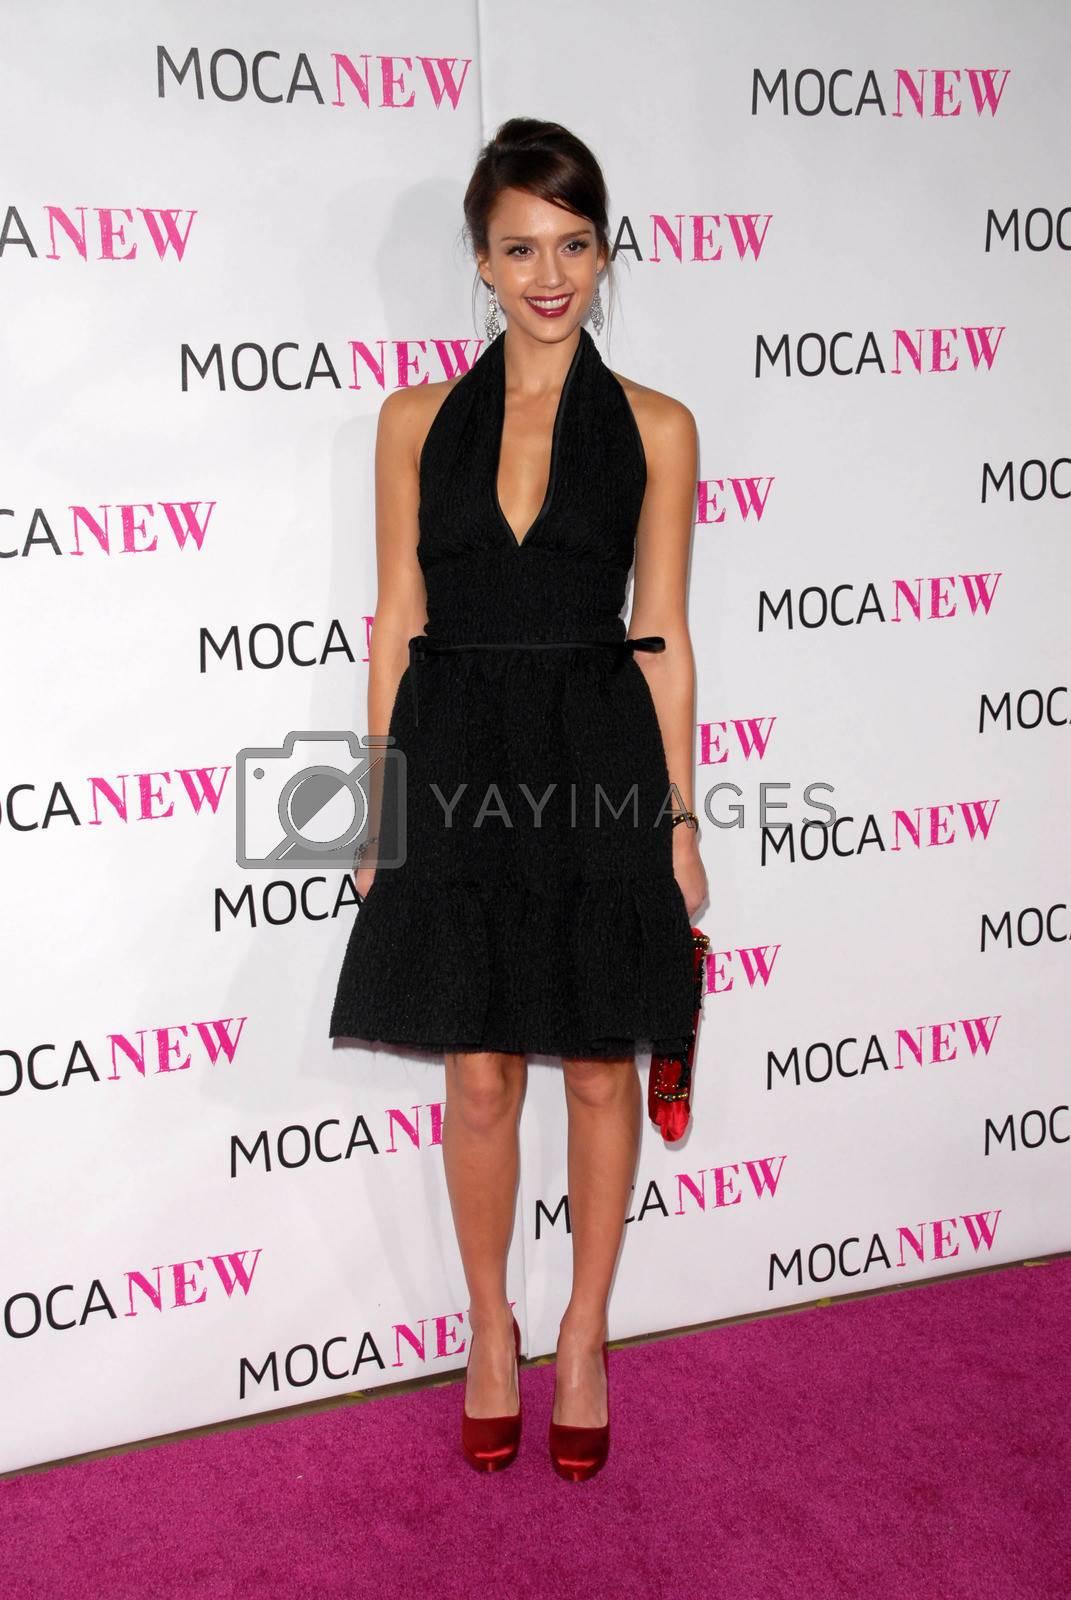 Jessica Alba  at the MOCA New 30th Anniversary Gala, MOCA Grand Avenue, Los Angeles, CA. 11-14-09